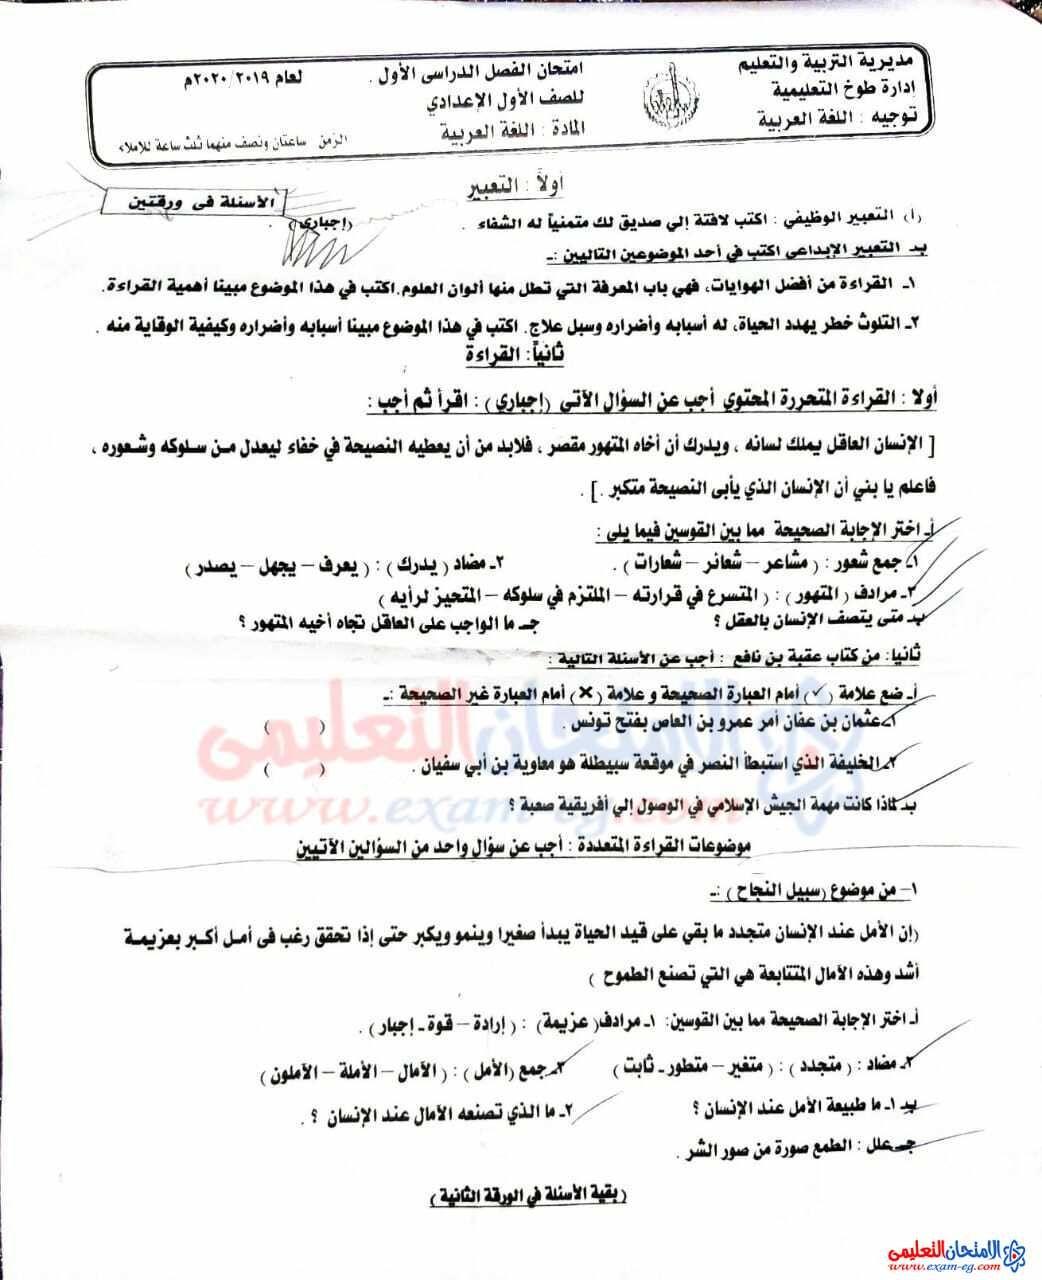 امتحان أولي إعدادي في العربي ترم أول 2020 إدارة طوخ بالقليوبية Bullet Journal Journal Exam